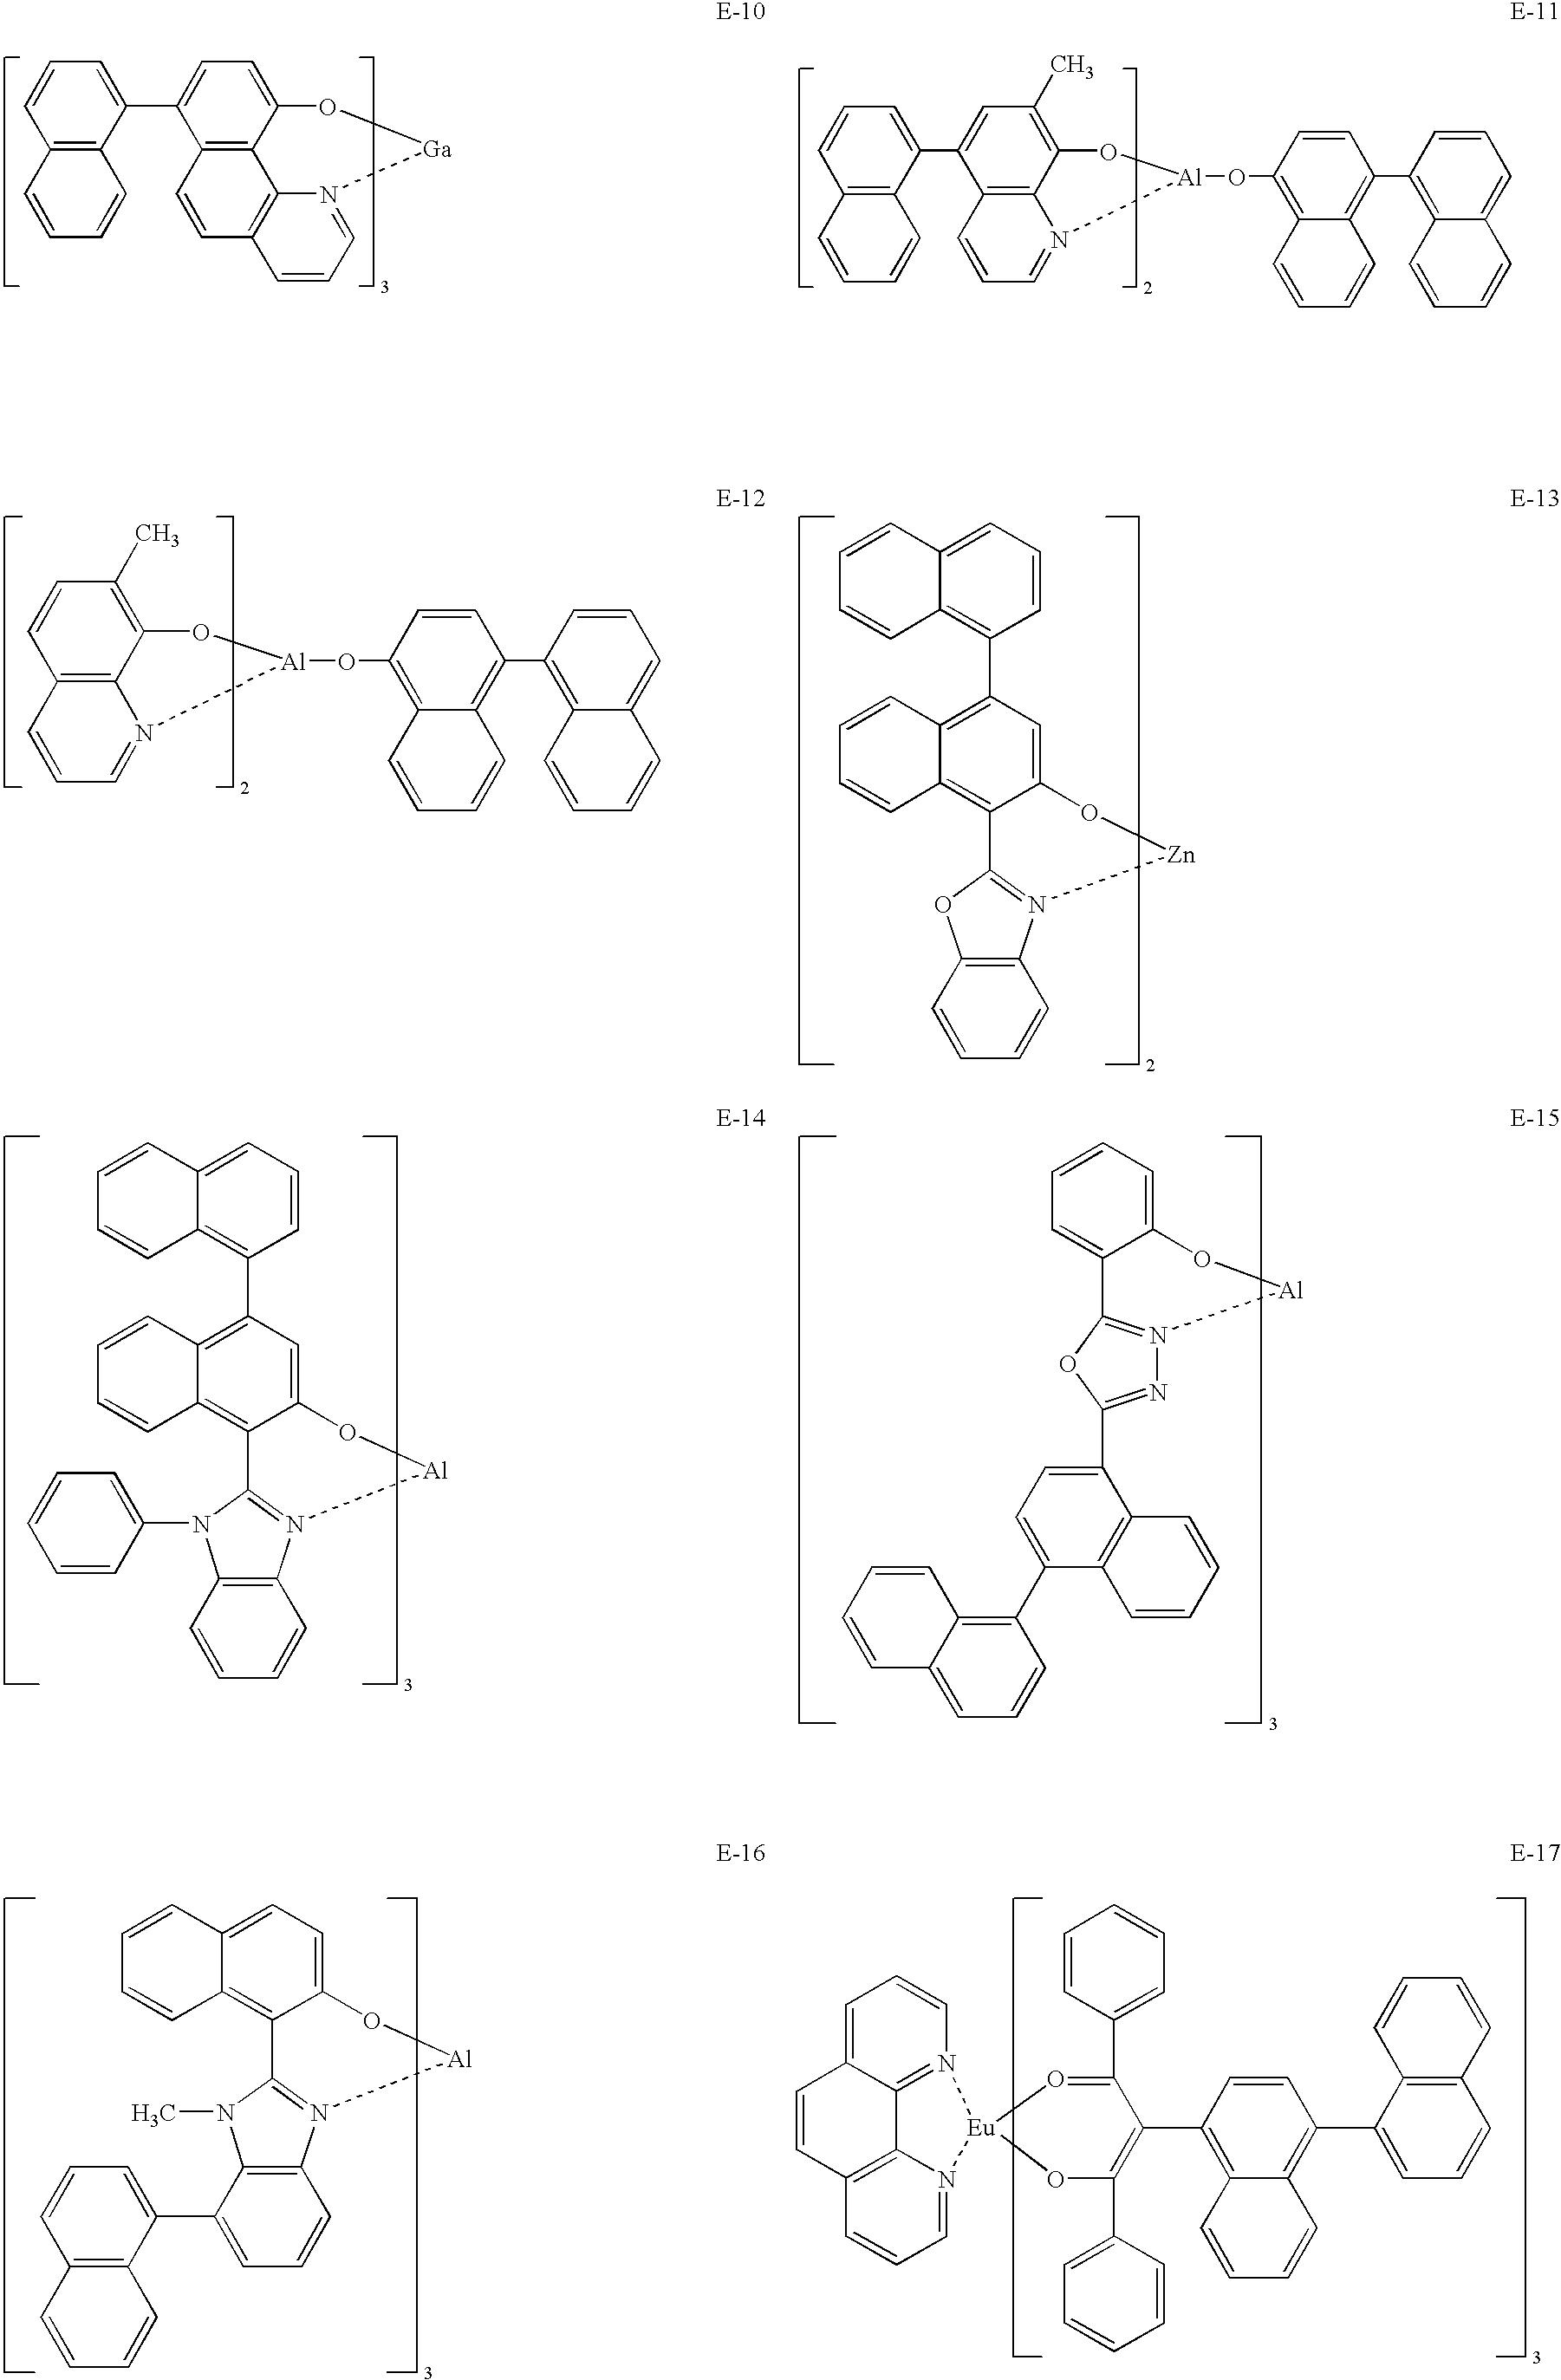 Figure US20040062951A1-20040401-C00040